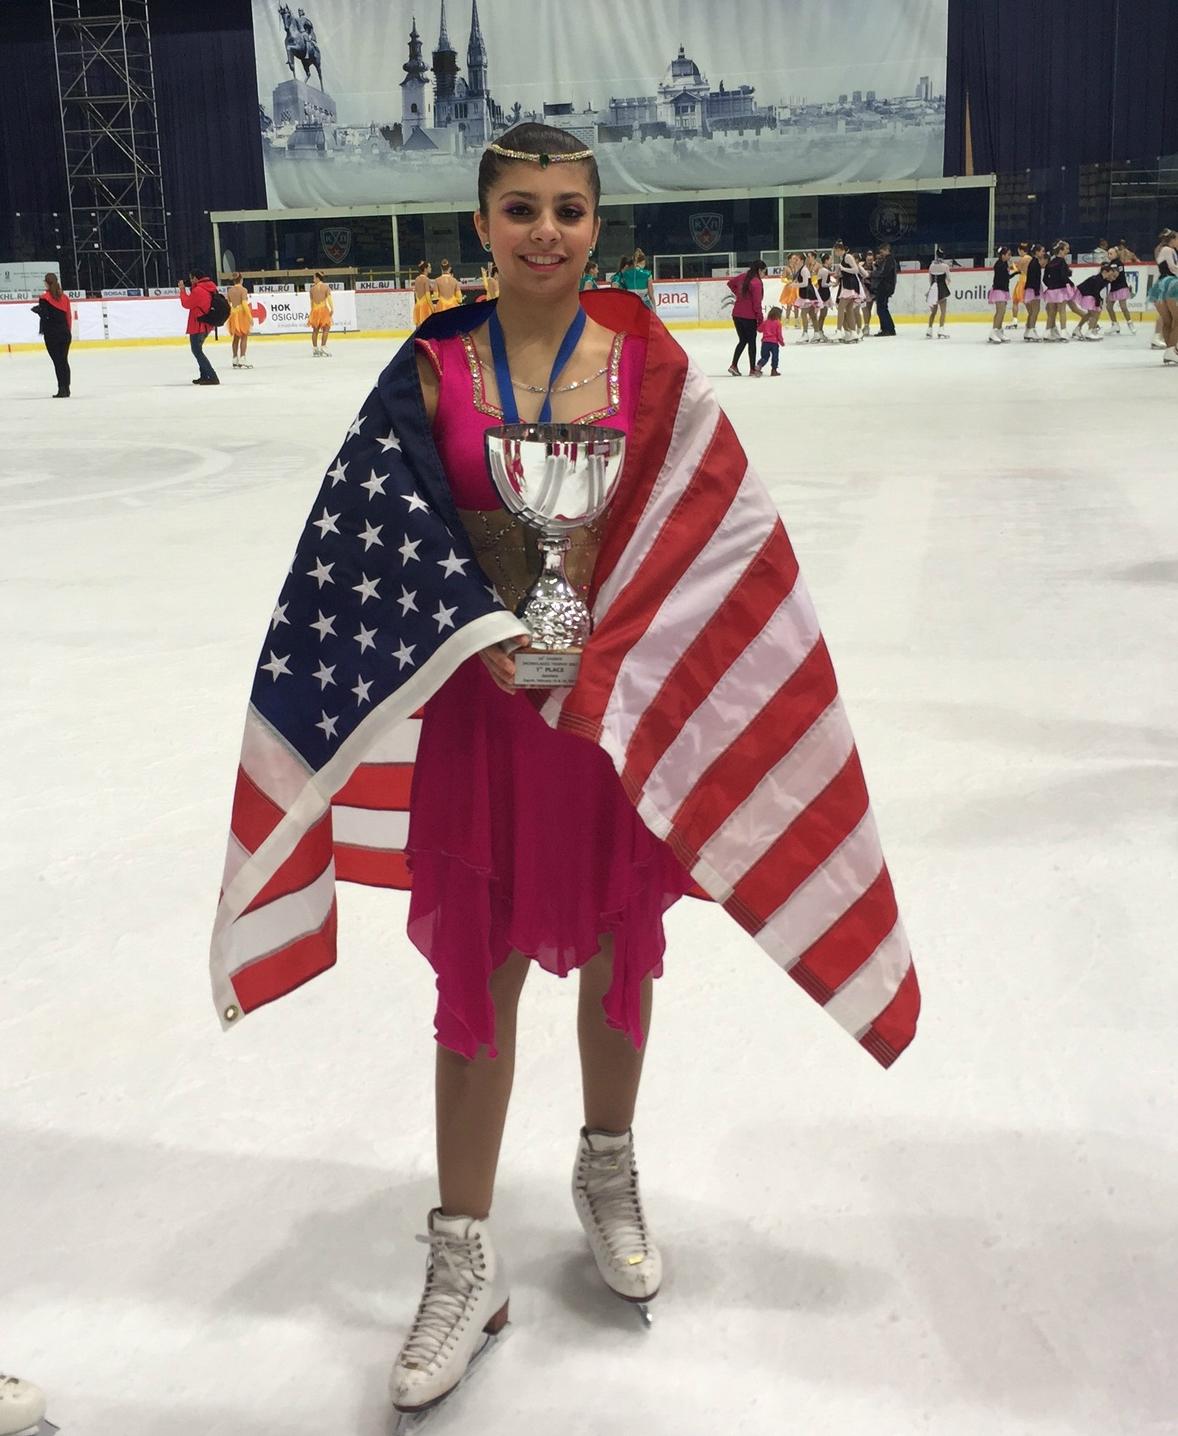 Aliyah Zagreb 2: Aliyah Shaikh with her trophy in Zagreb